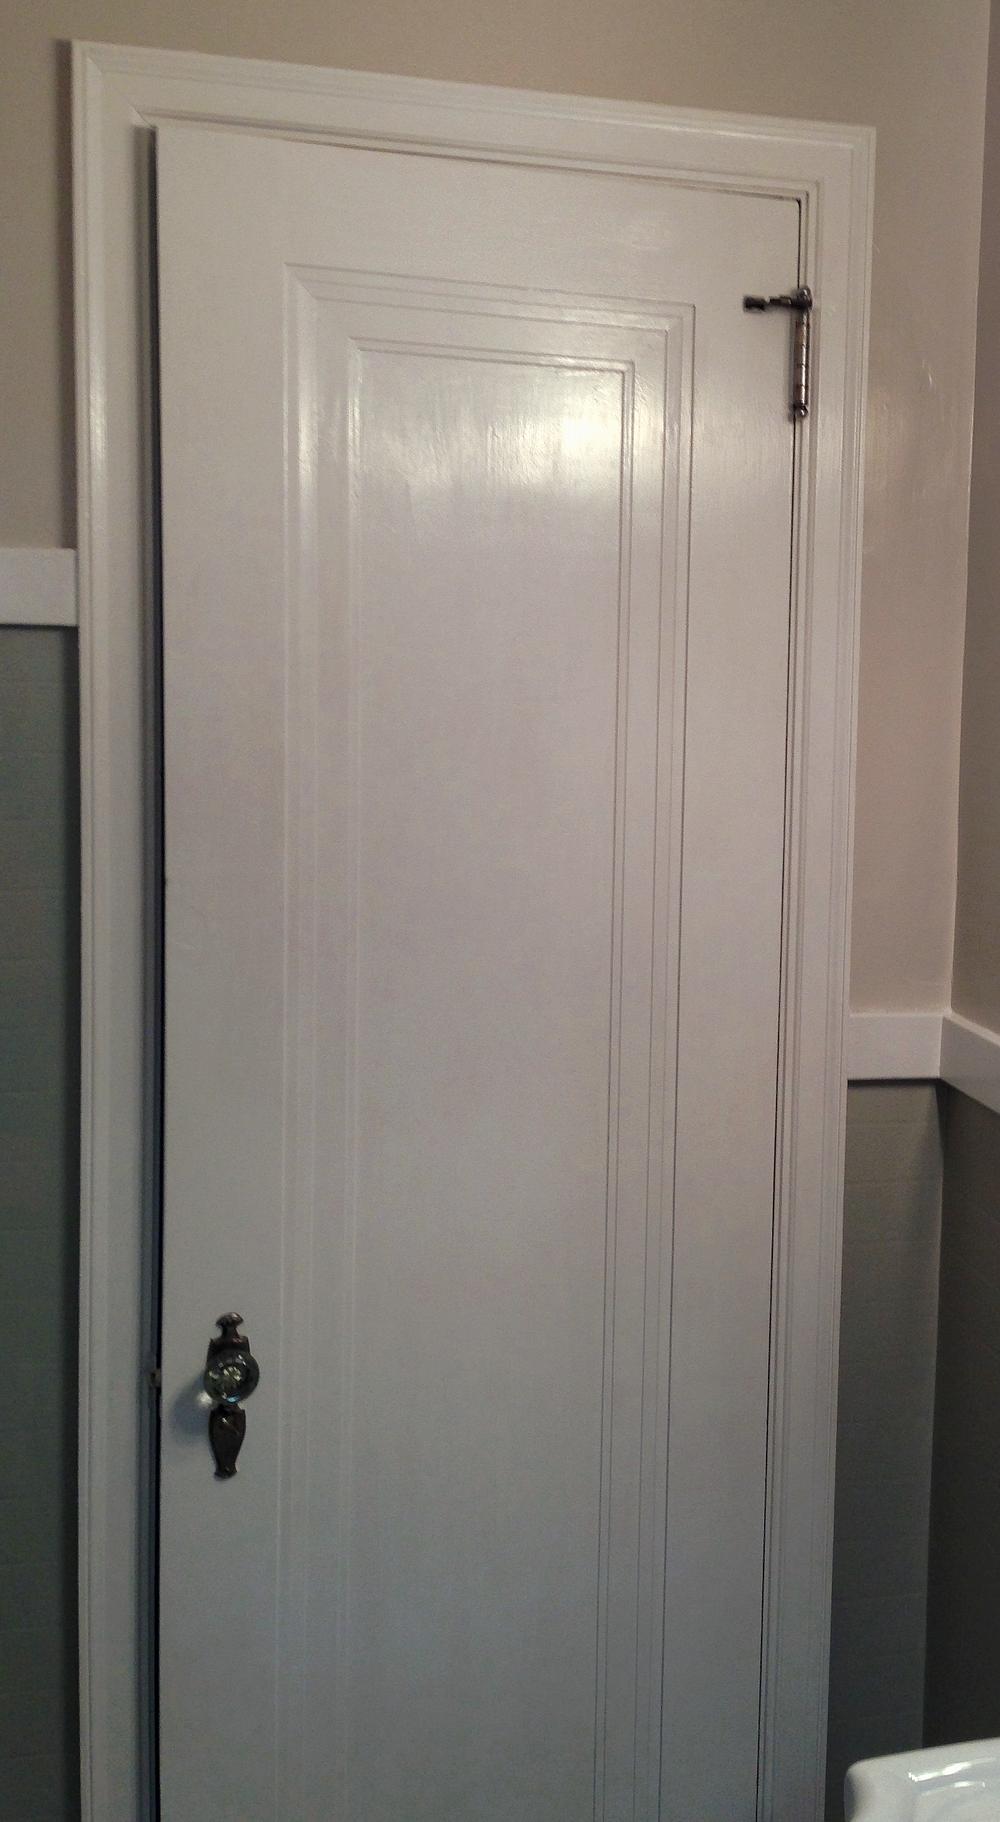 Skoag bathroom door.png